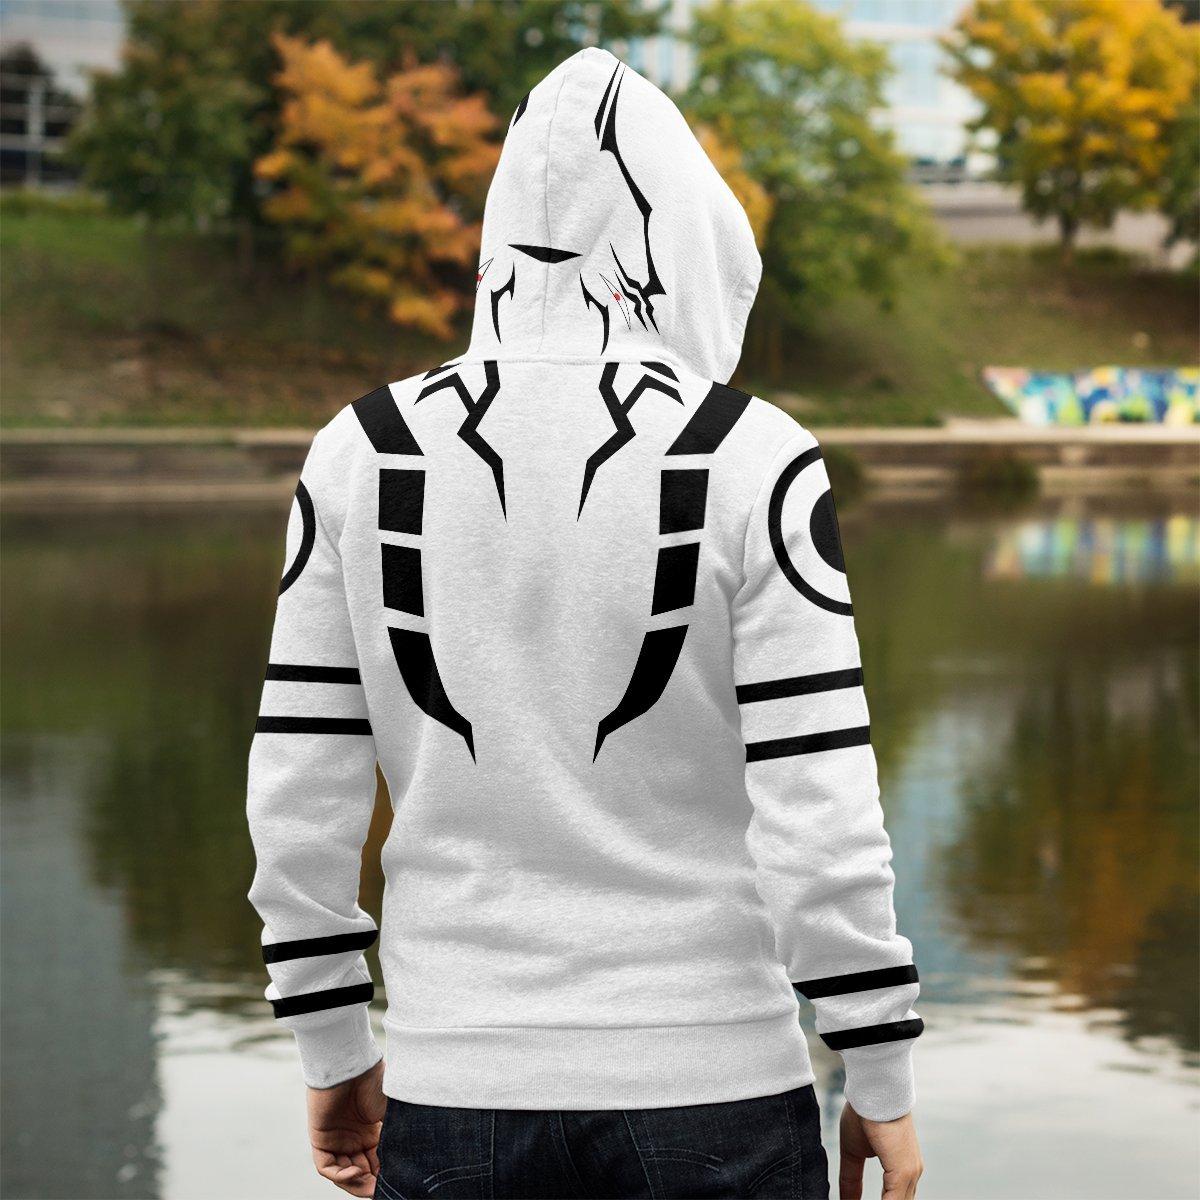 sukuna unisex zipped hoodie 231070 - Otaku Treat